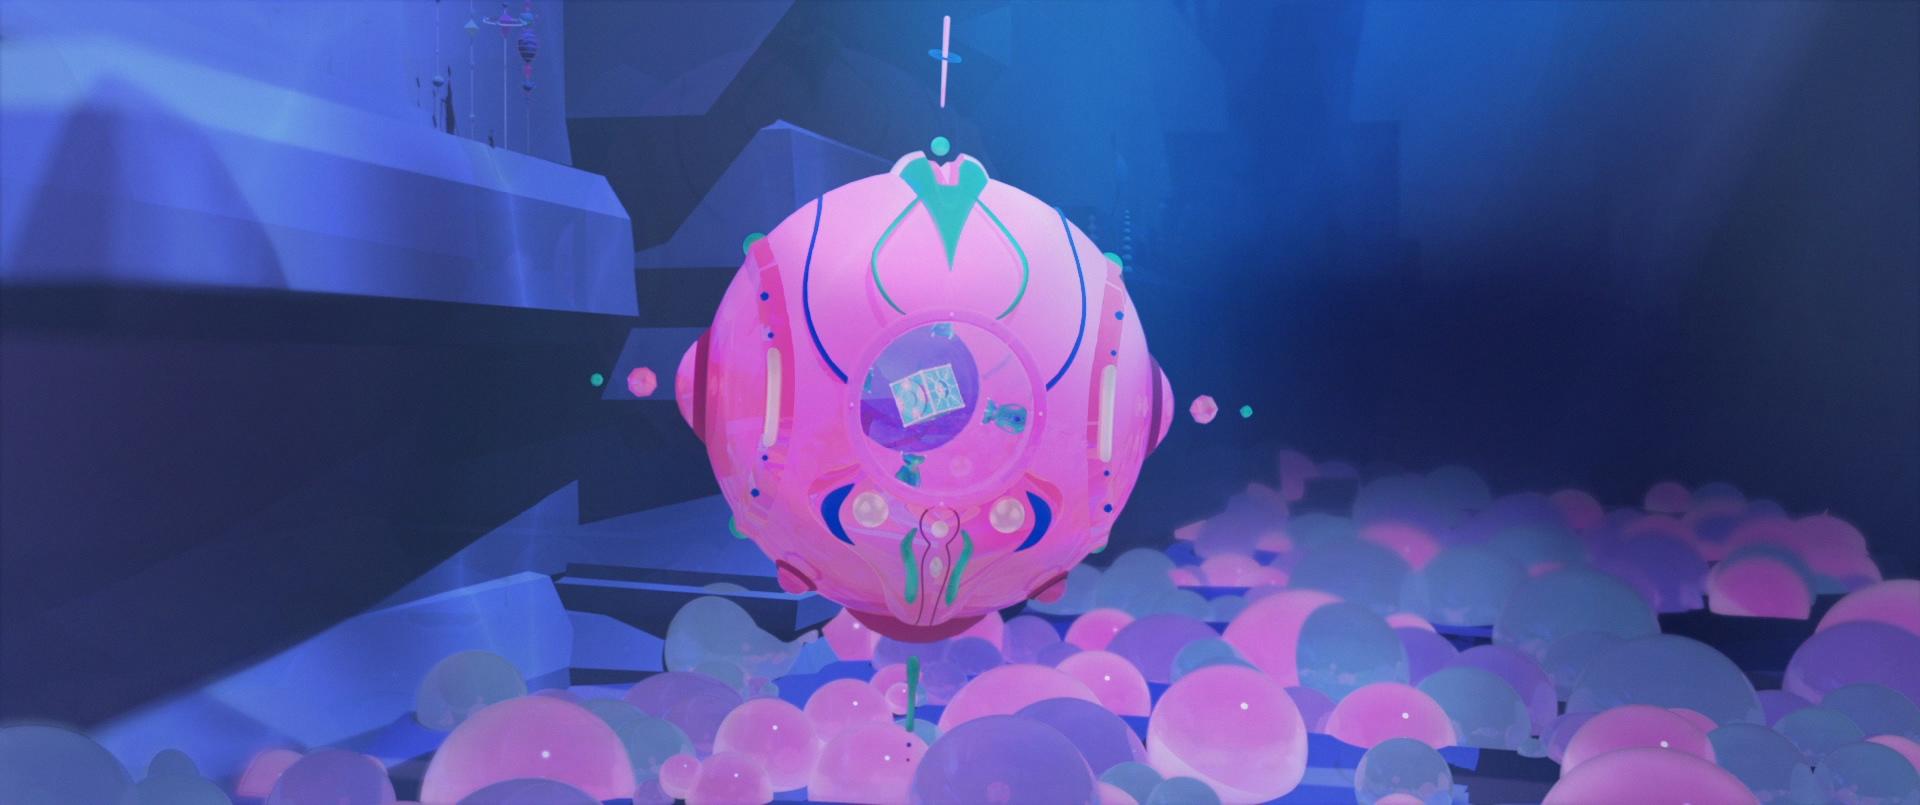 underwaterEnvironment.jpg